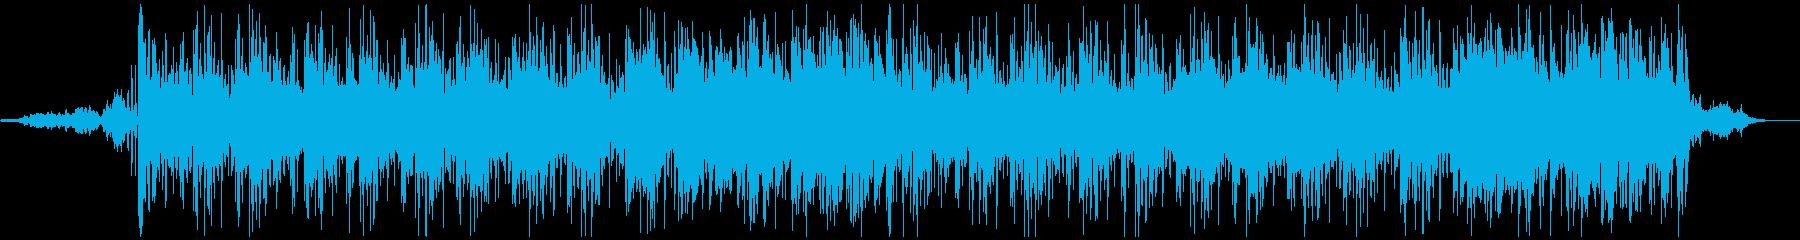 幻想的なLofi/Chill hopの再生済みの波形